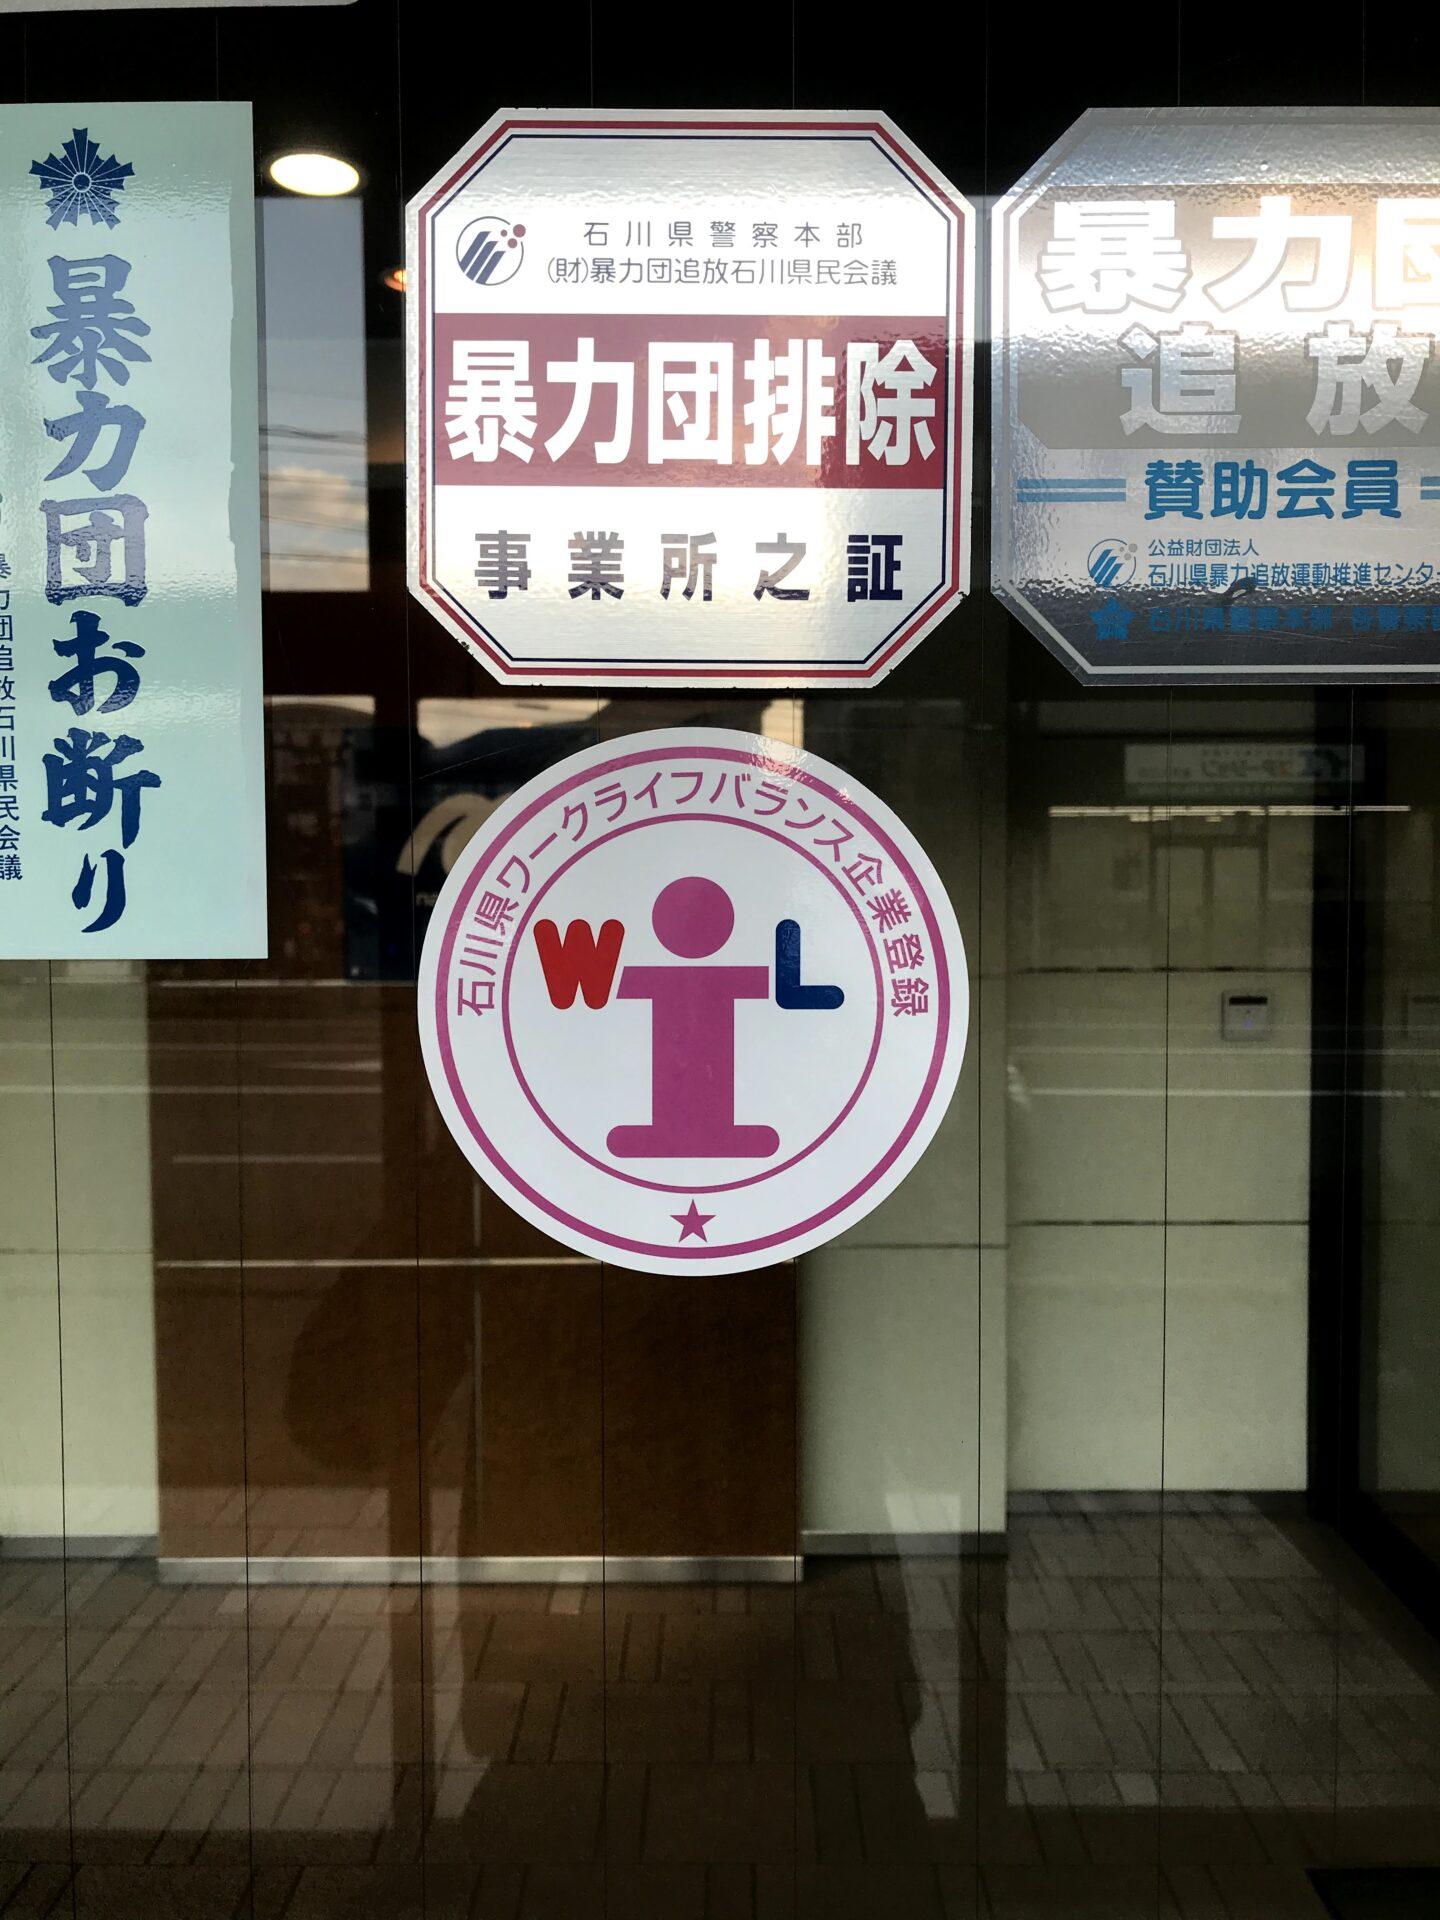 石川県ワークライフバランス企業登録